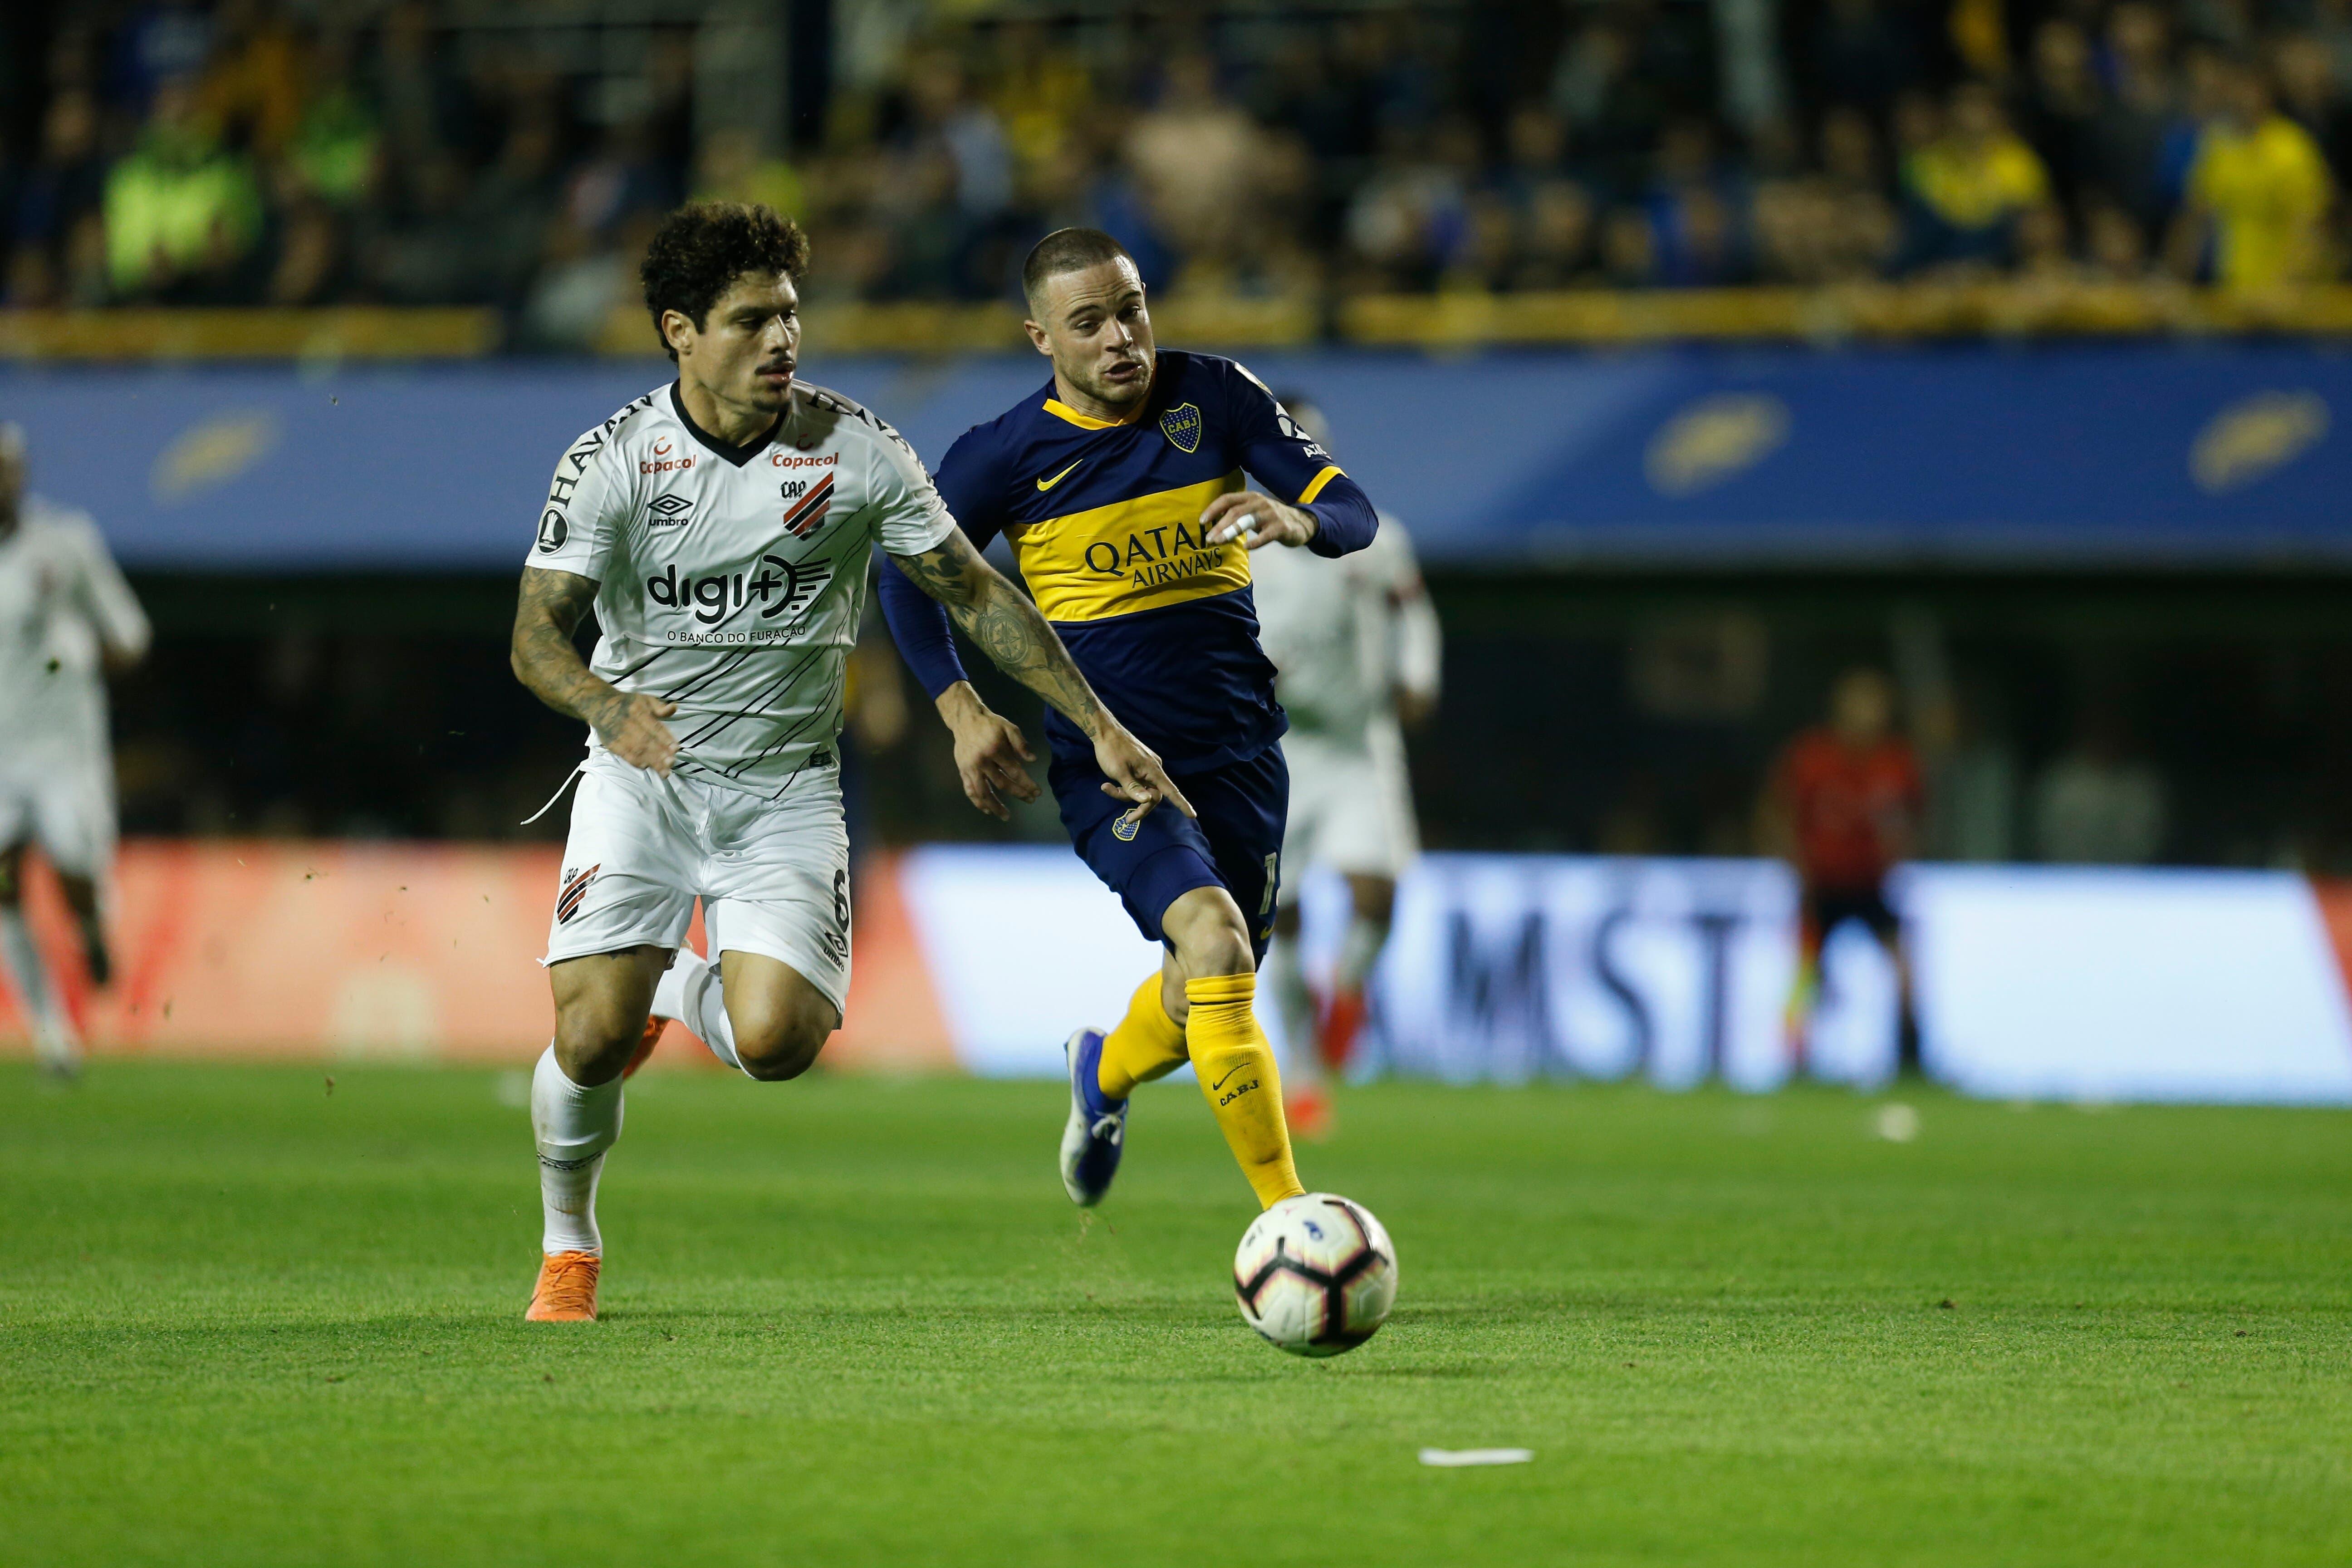 Todos los números de Nandez, el jugador de Boca con más pelotas recuperadas